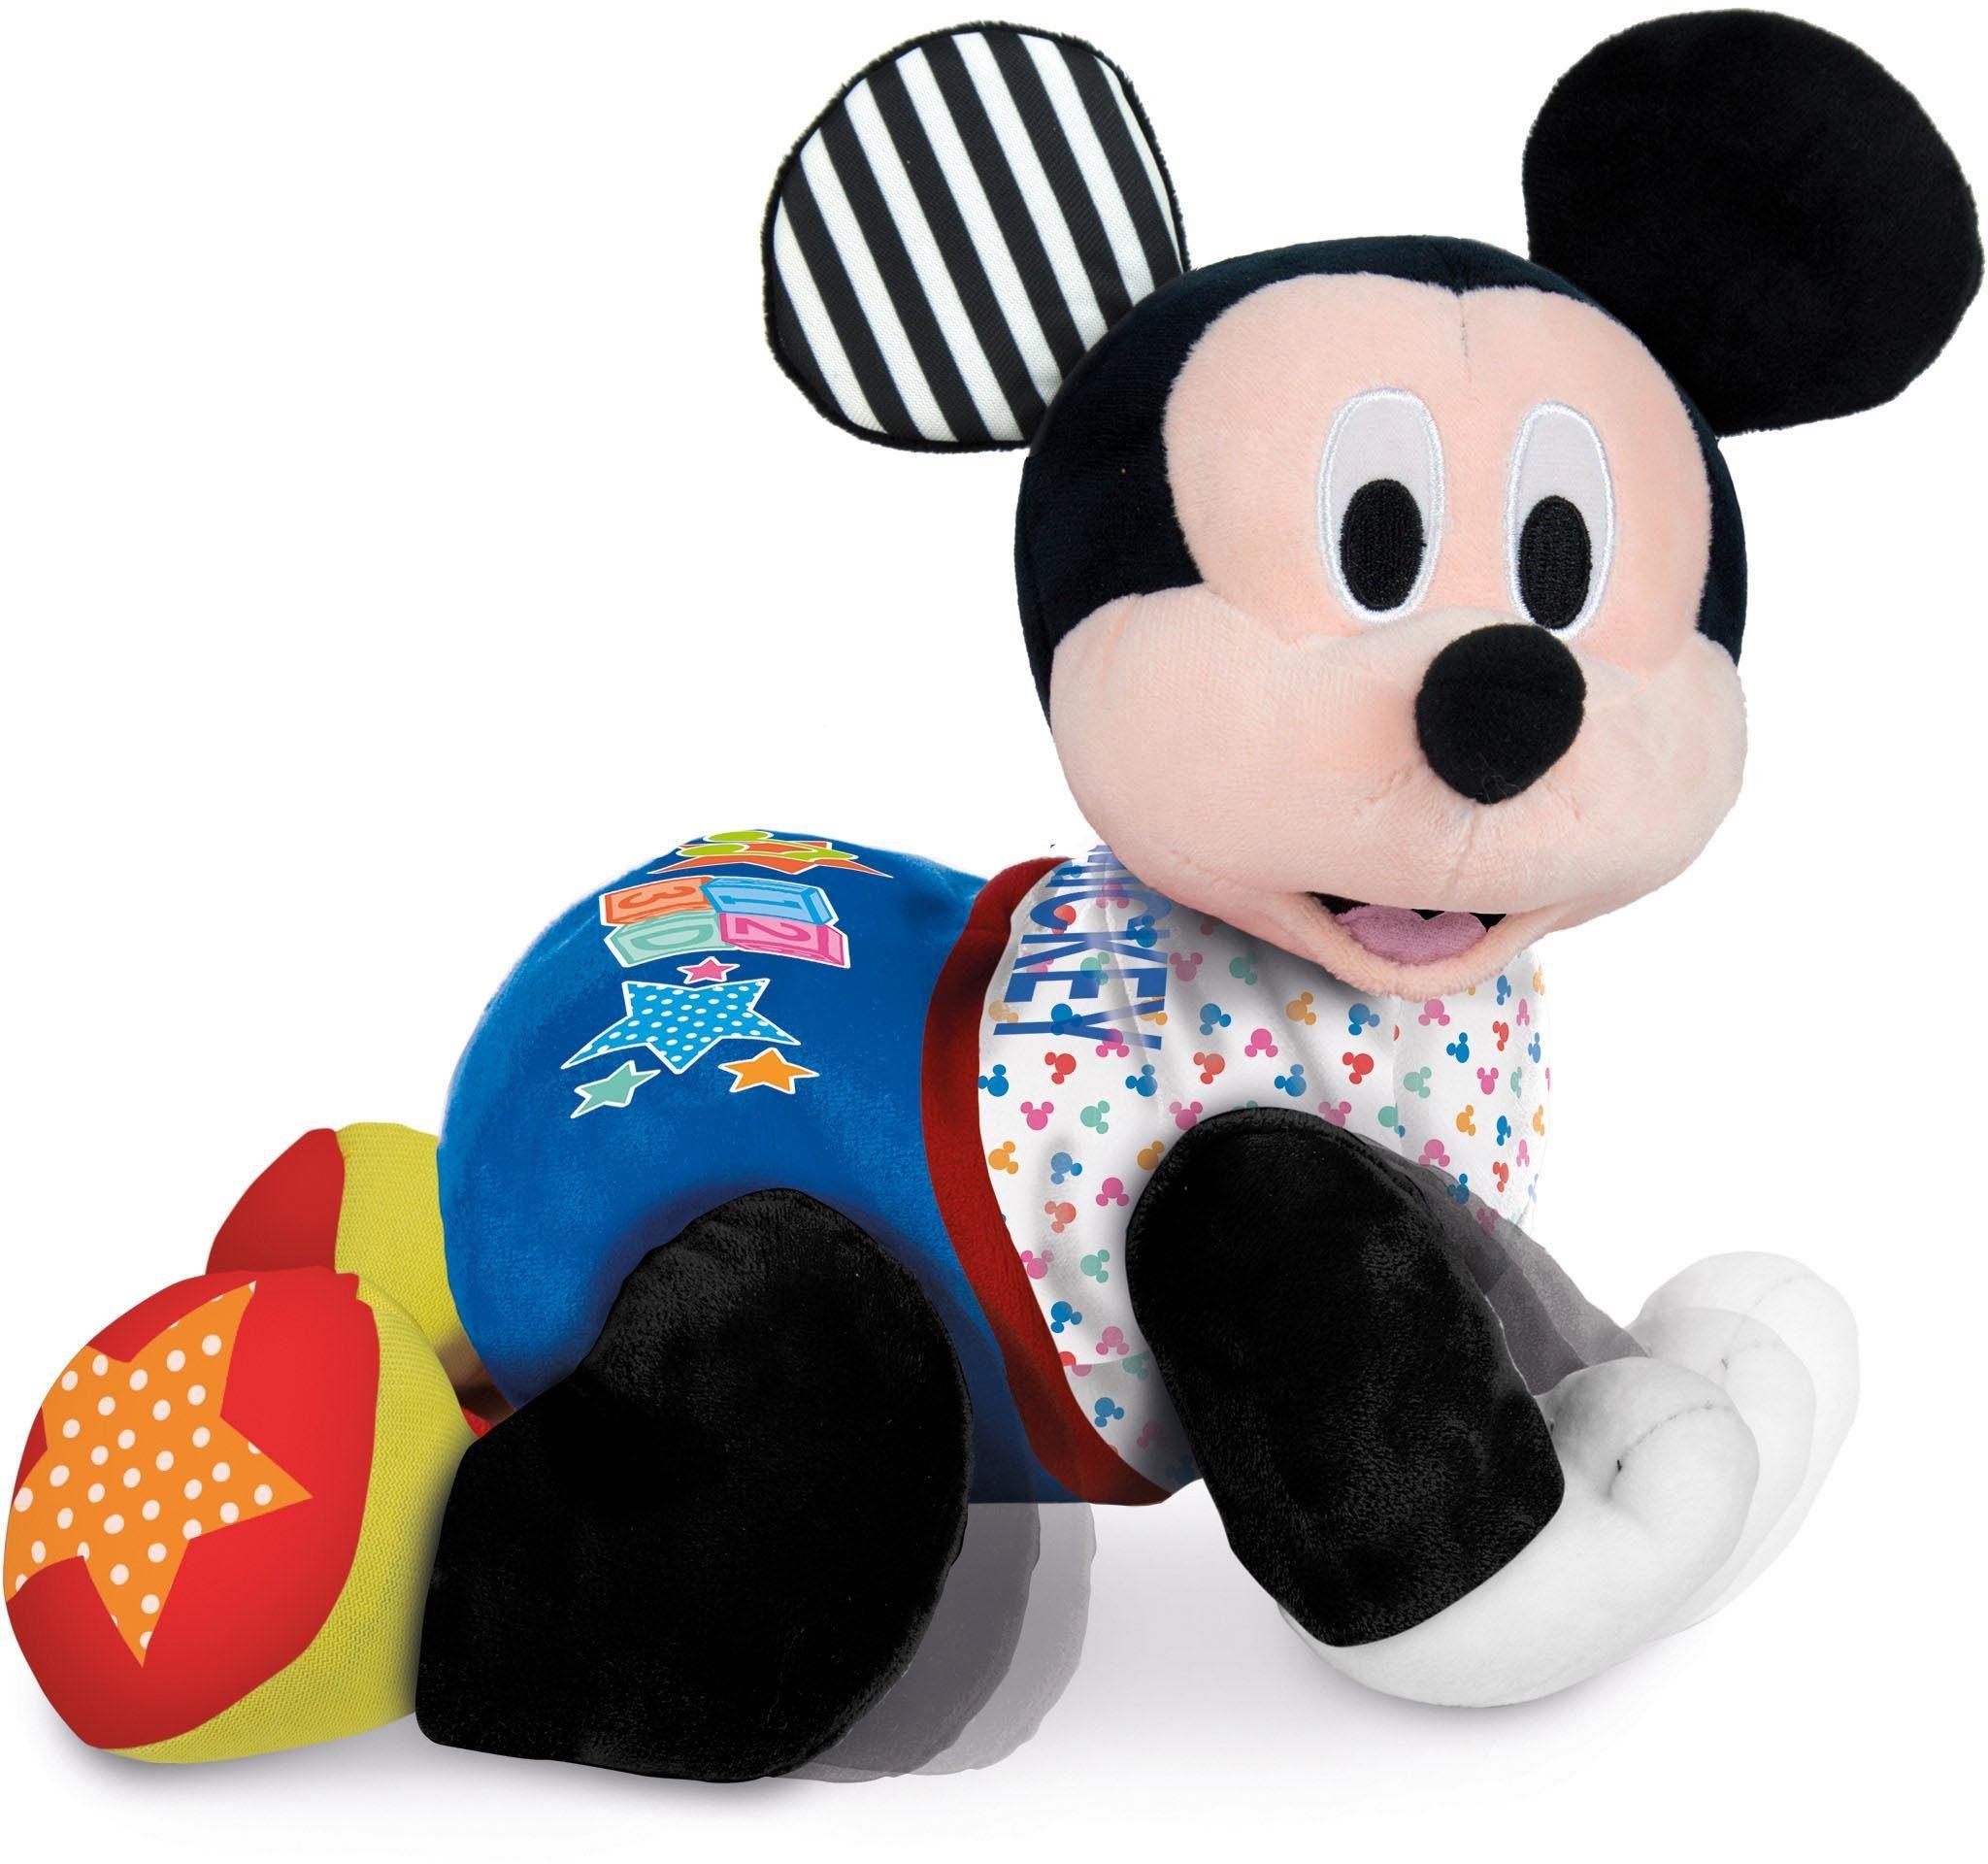 Clementoni Elektronisches Plüschtier mit Soundeffekten, »Baby, Krabbelnder Baby Mickey«